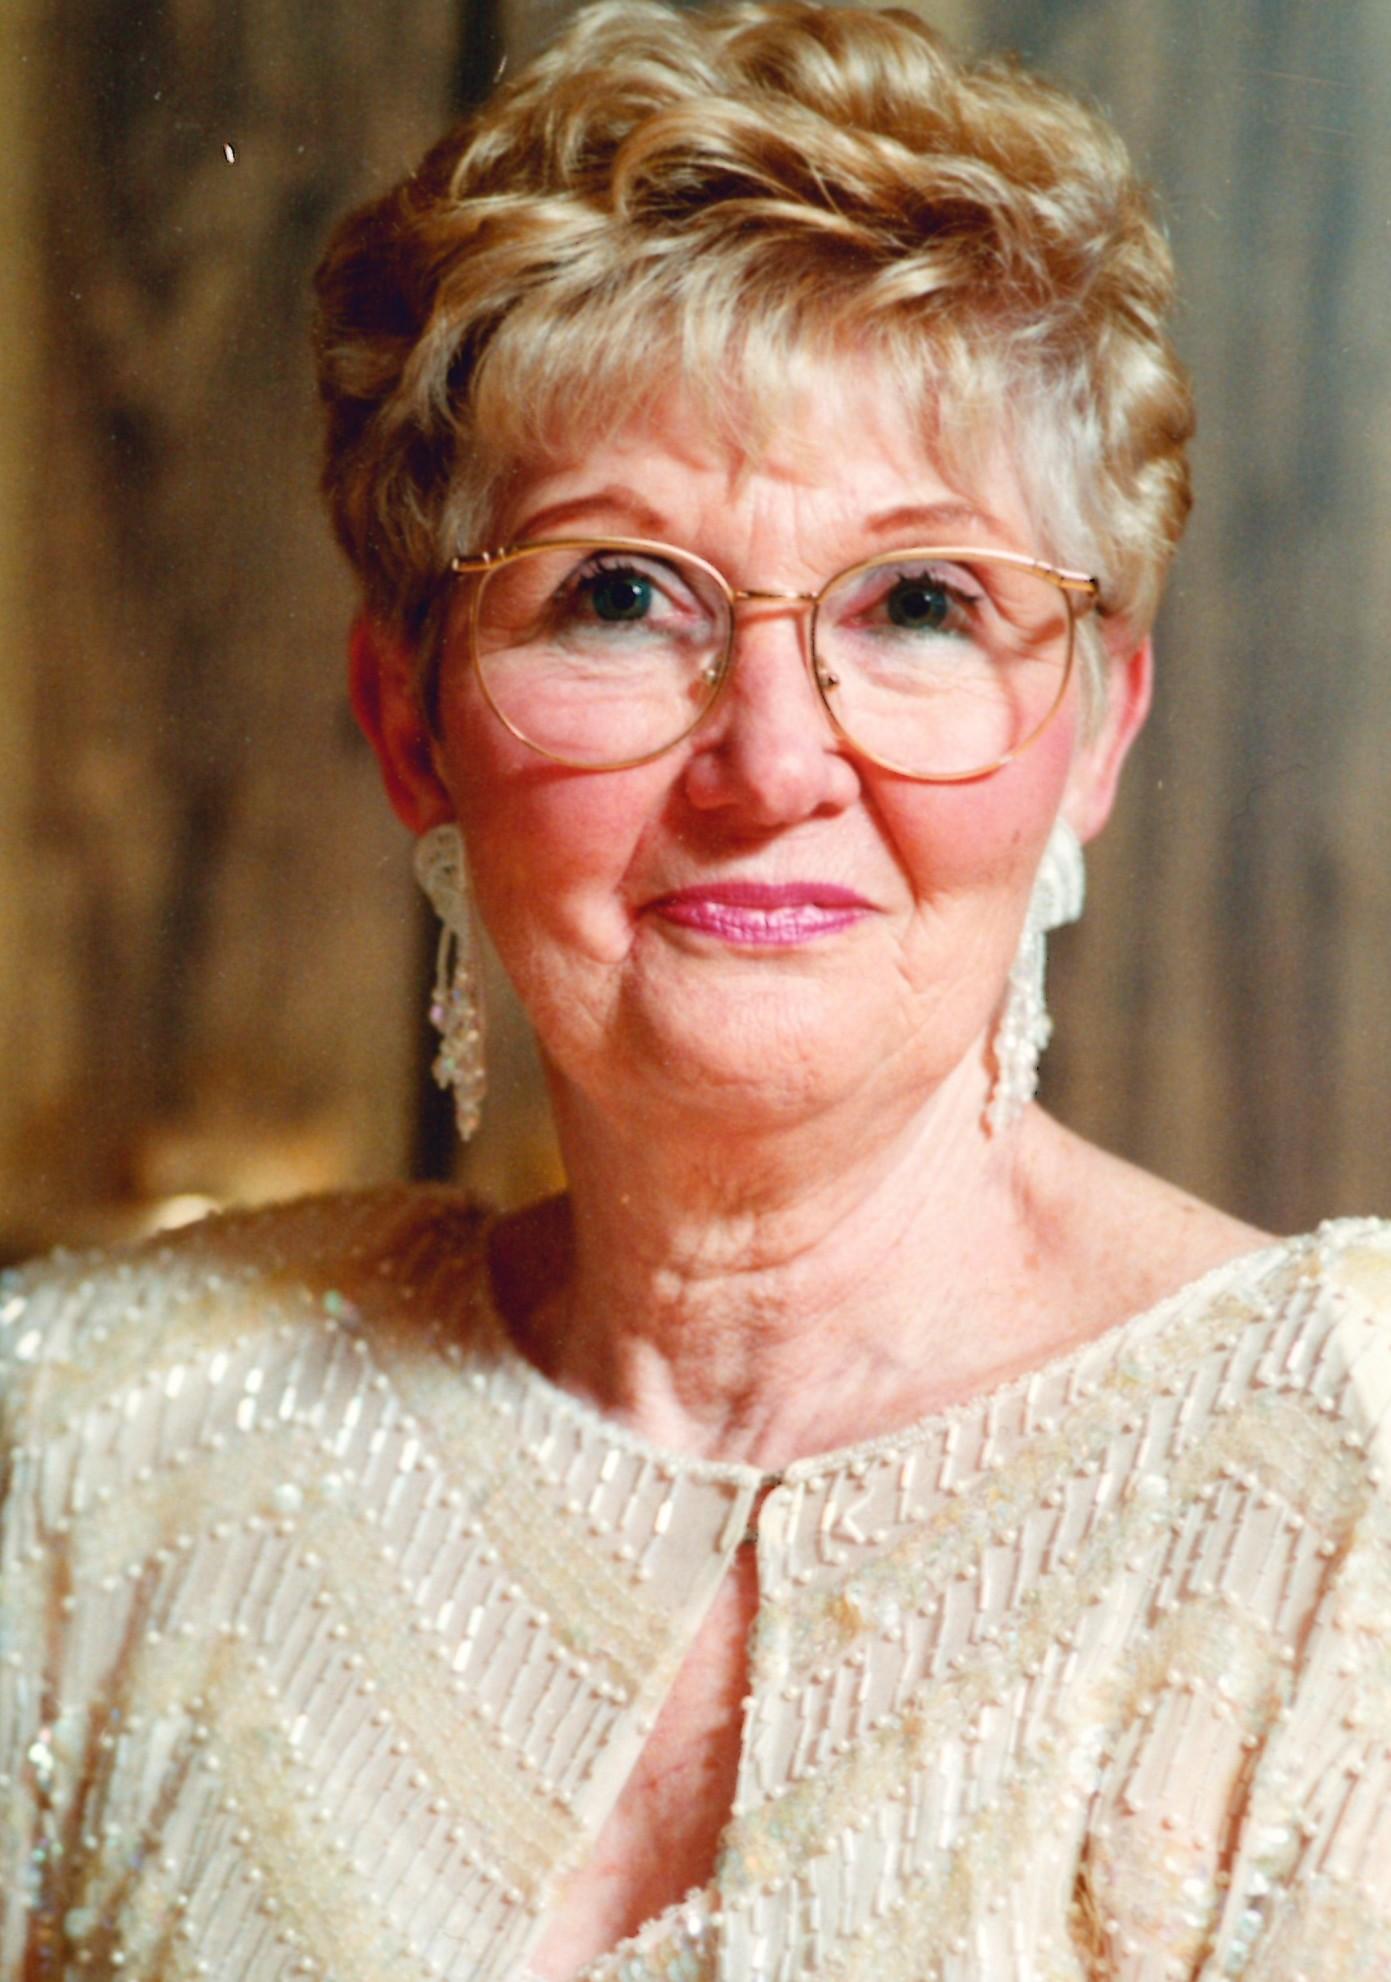 VAN DEN NEUCKER: Barbara Ann (Marshall) of Clinton